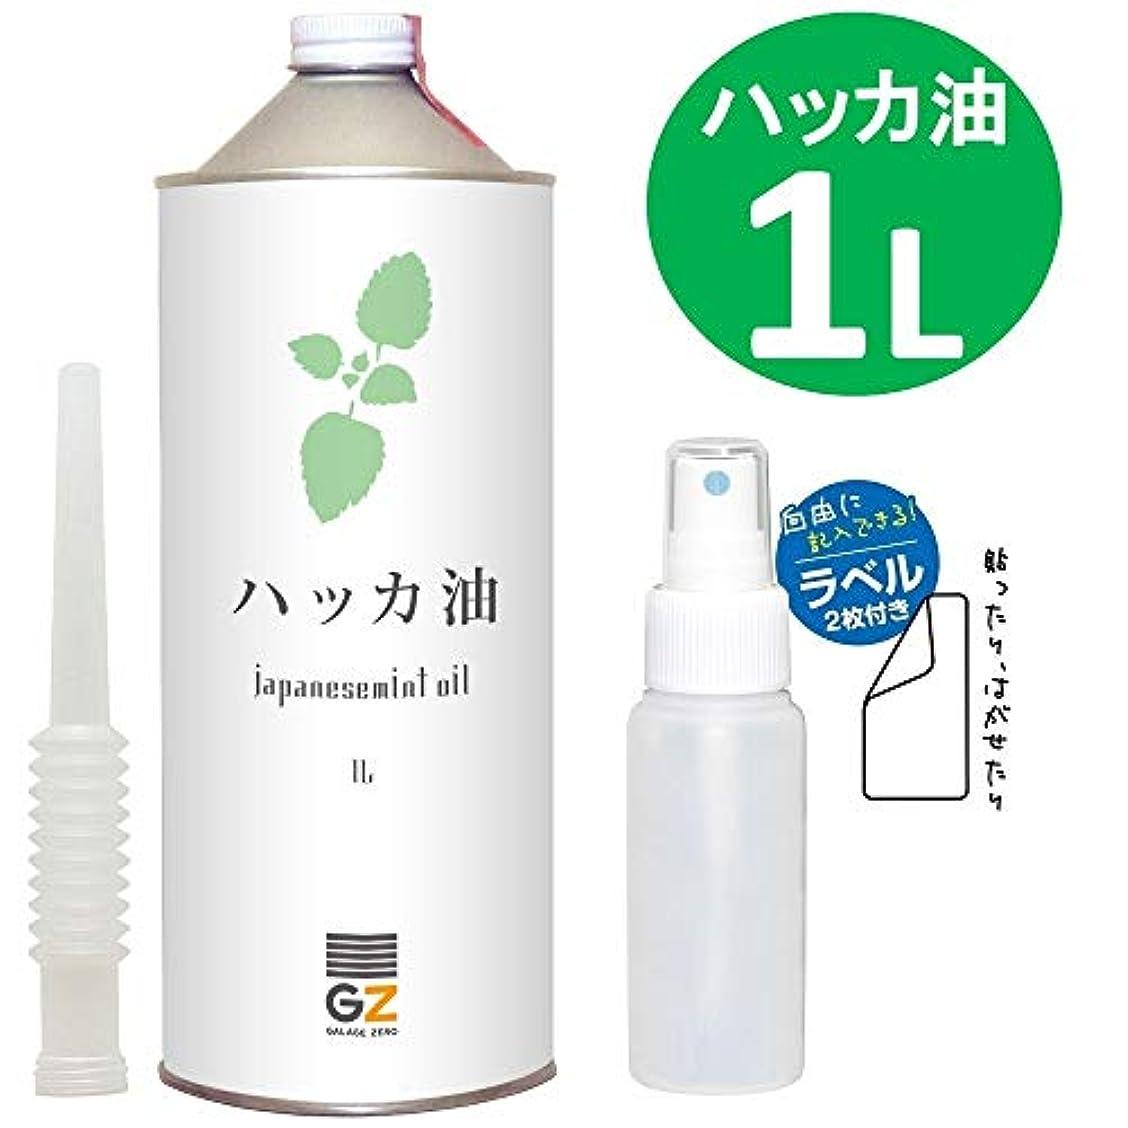 非効率的なバンドル残りガレージ?ゼロ ハッカ油 1L(GZAK14)+50mlPEスプレーボトル/和種薄荷/ジャパニーズミント GSE531